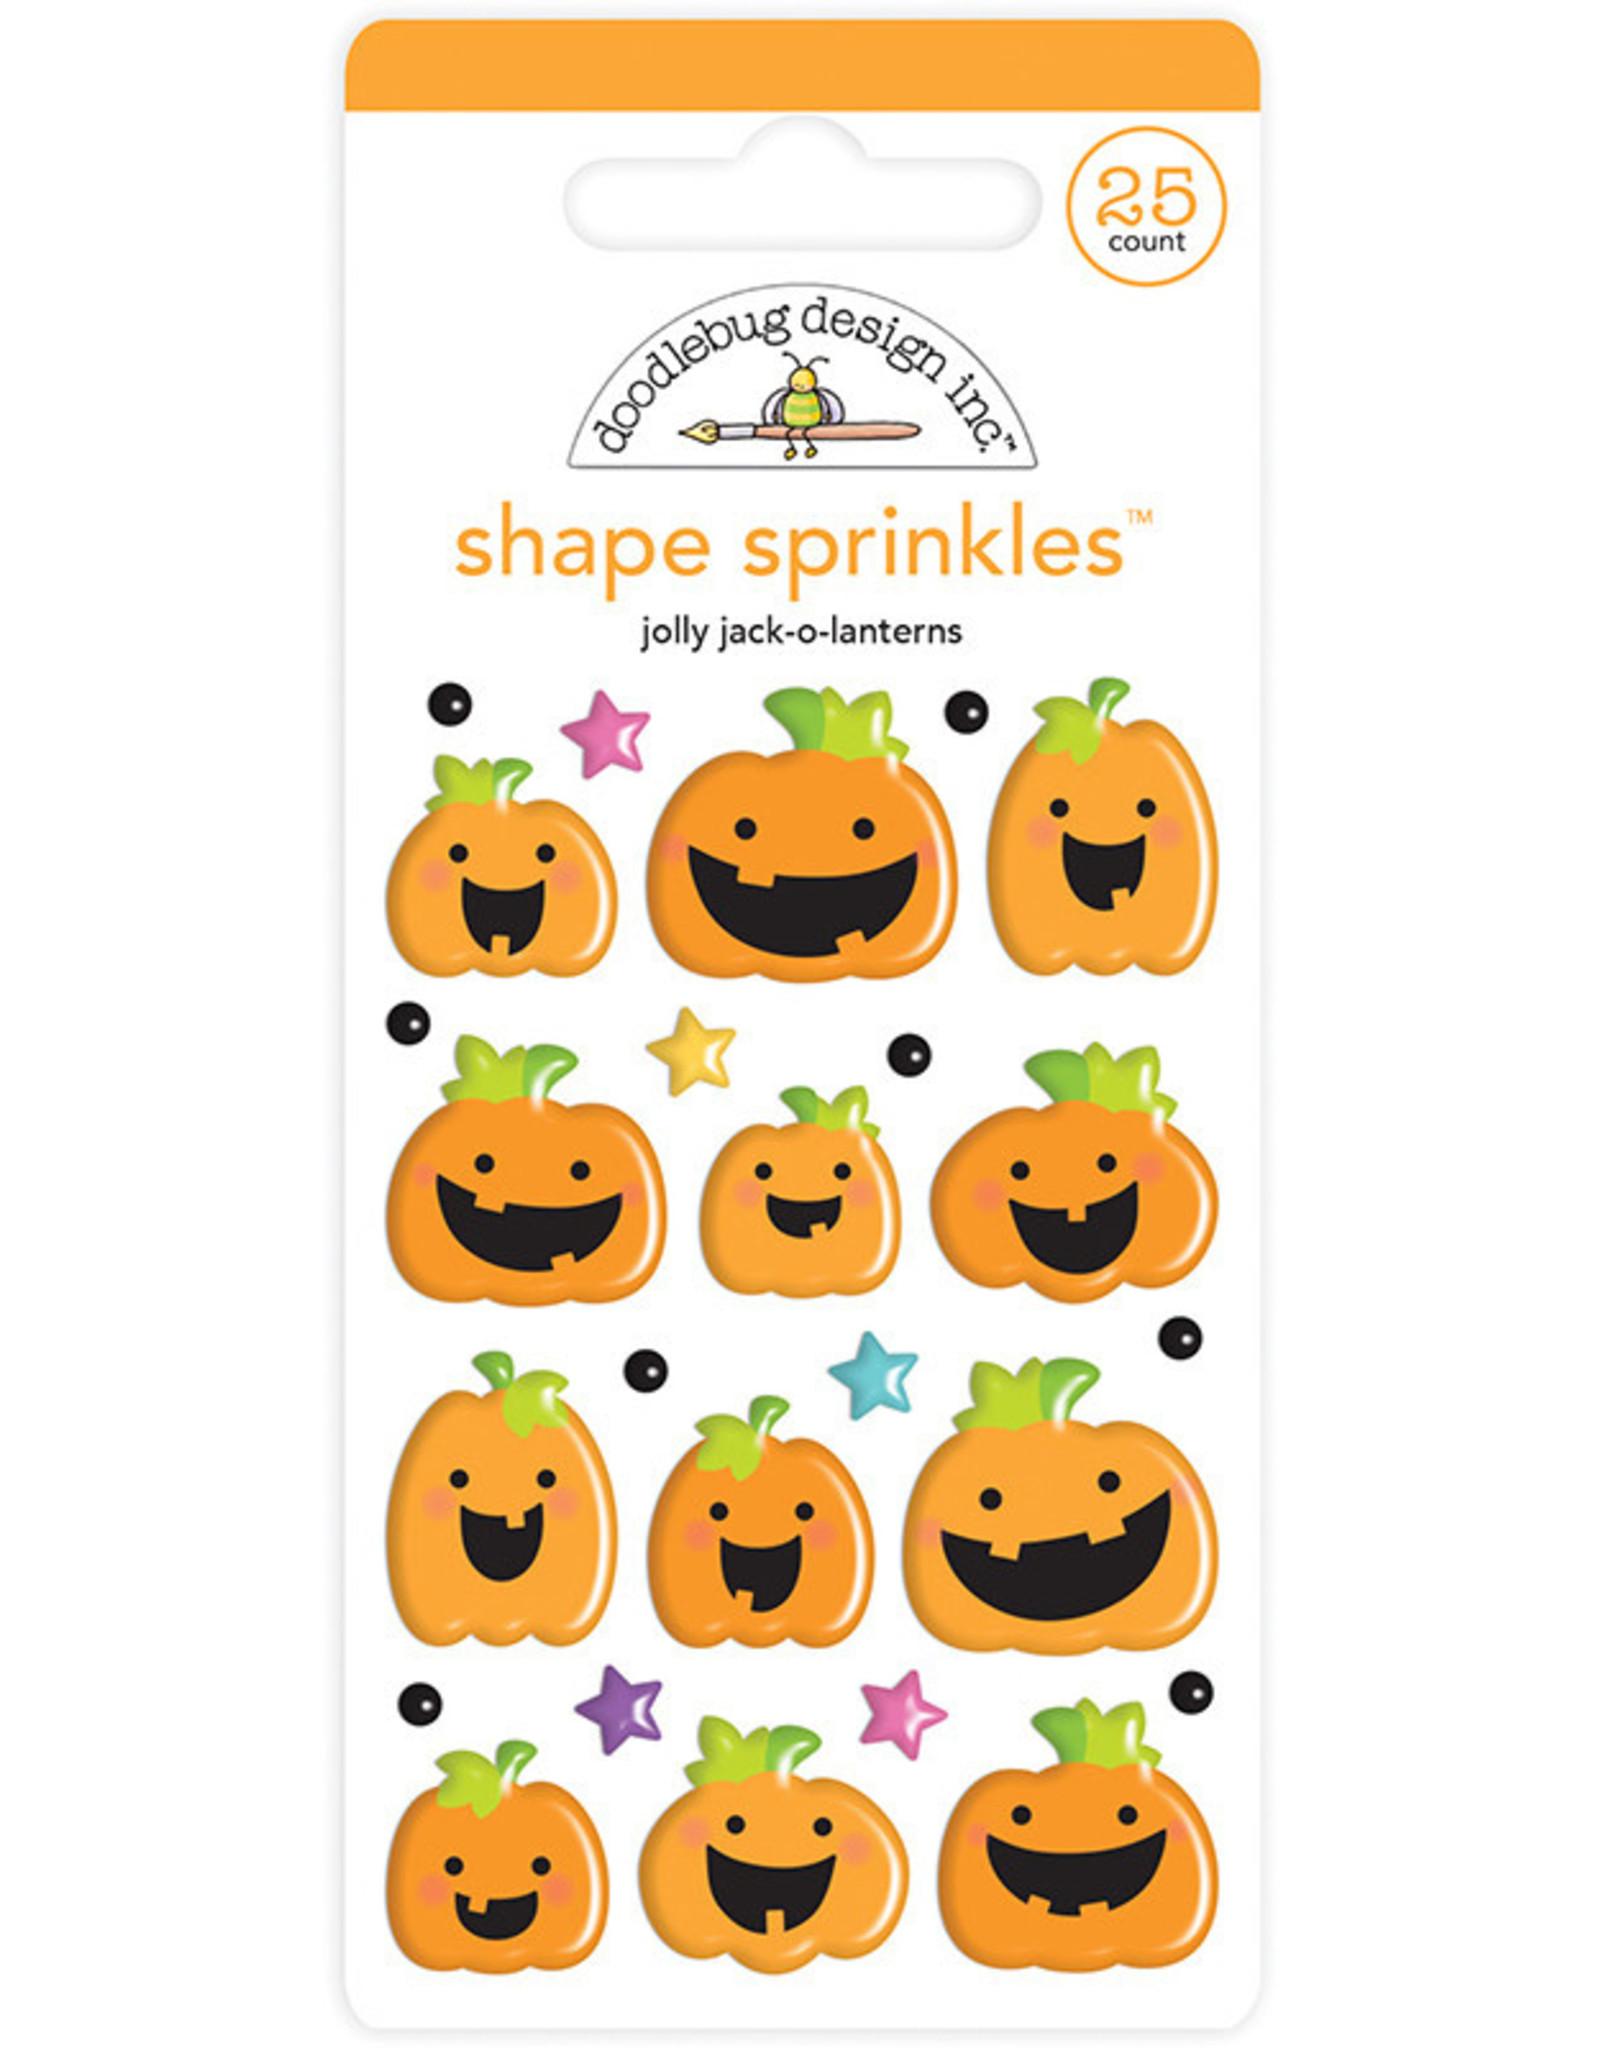 Doodlebug Design Inc. Jolly Jack-O-Lanterns - Sprinkles